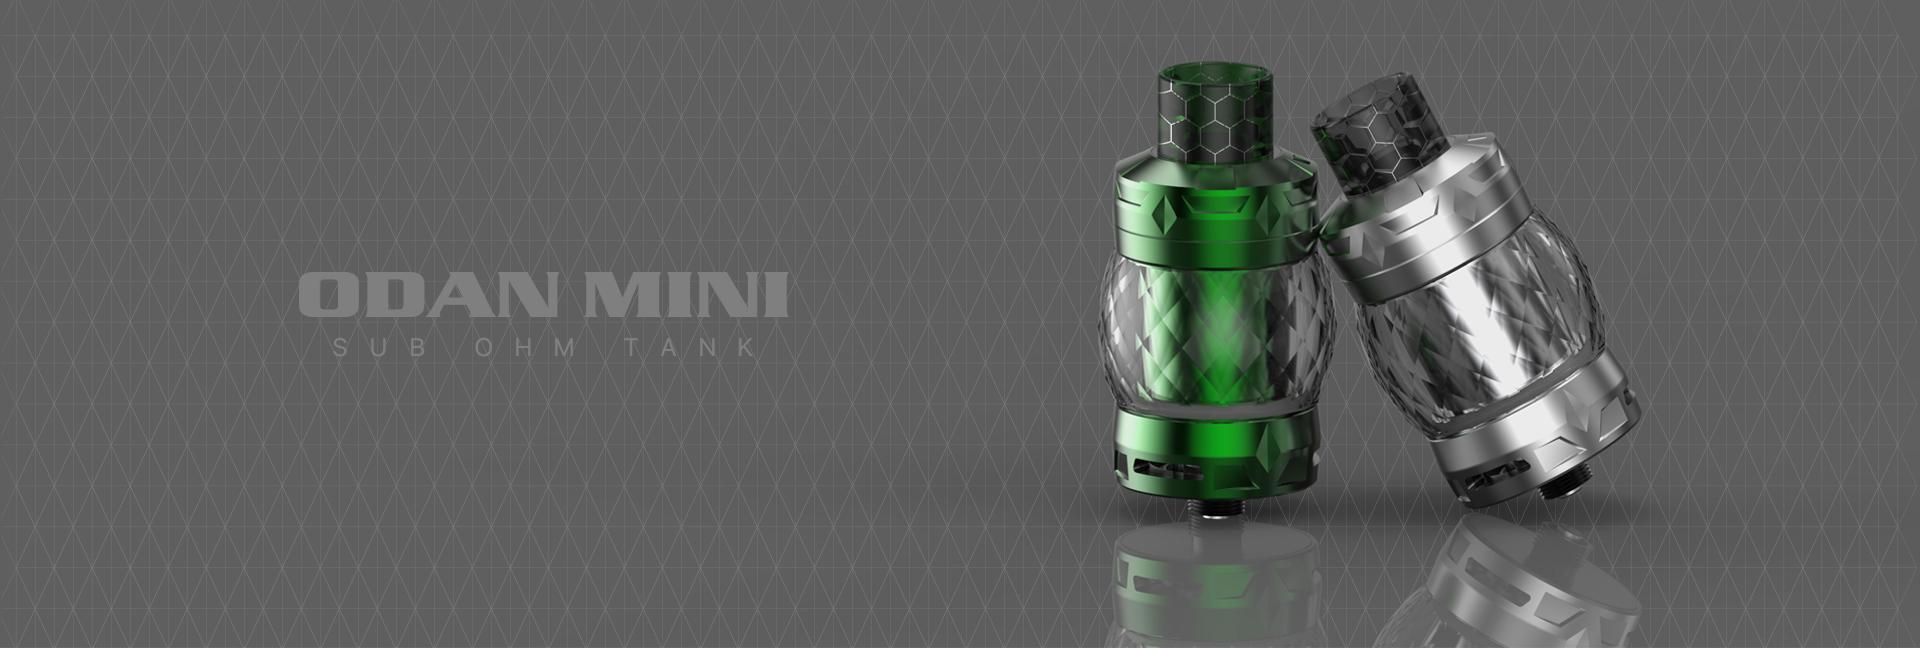 Aspire Odan Mini Tank